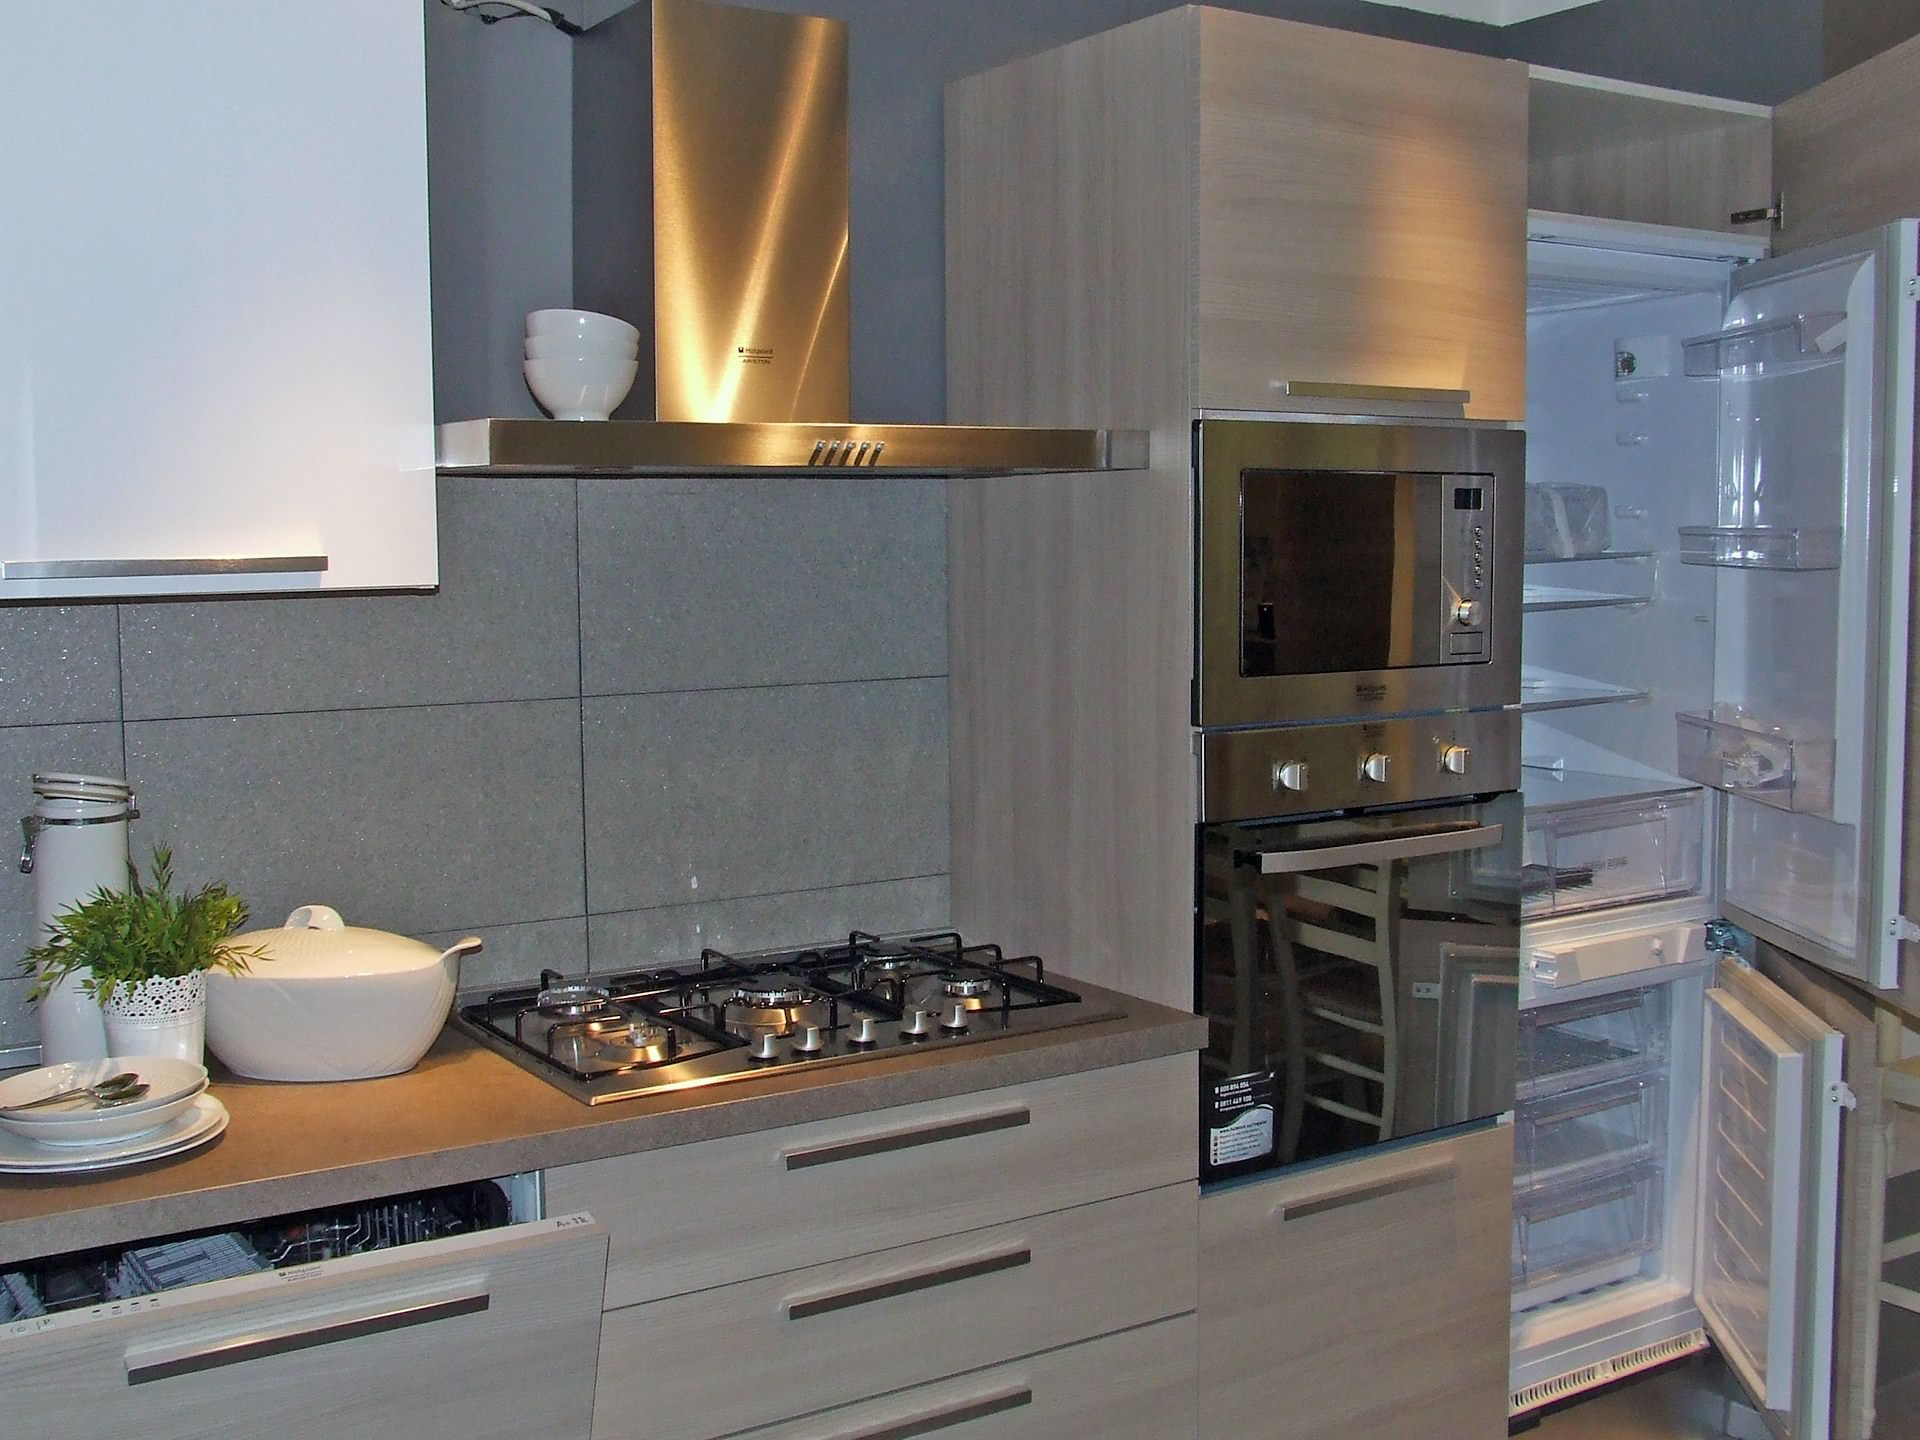 Aran Cucine Cucina Mirabilia Scontato Del  50 % Cucine A Prezzi  #977234 1920 1440 Aran O Veneta Cucine